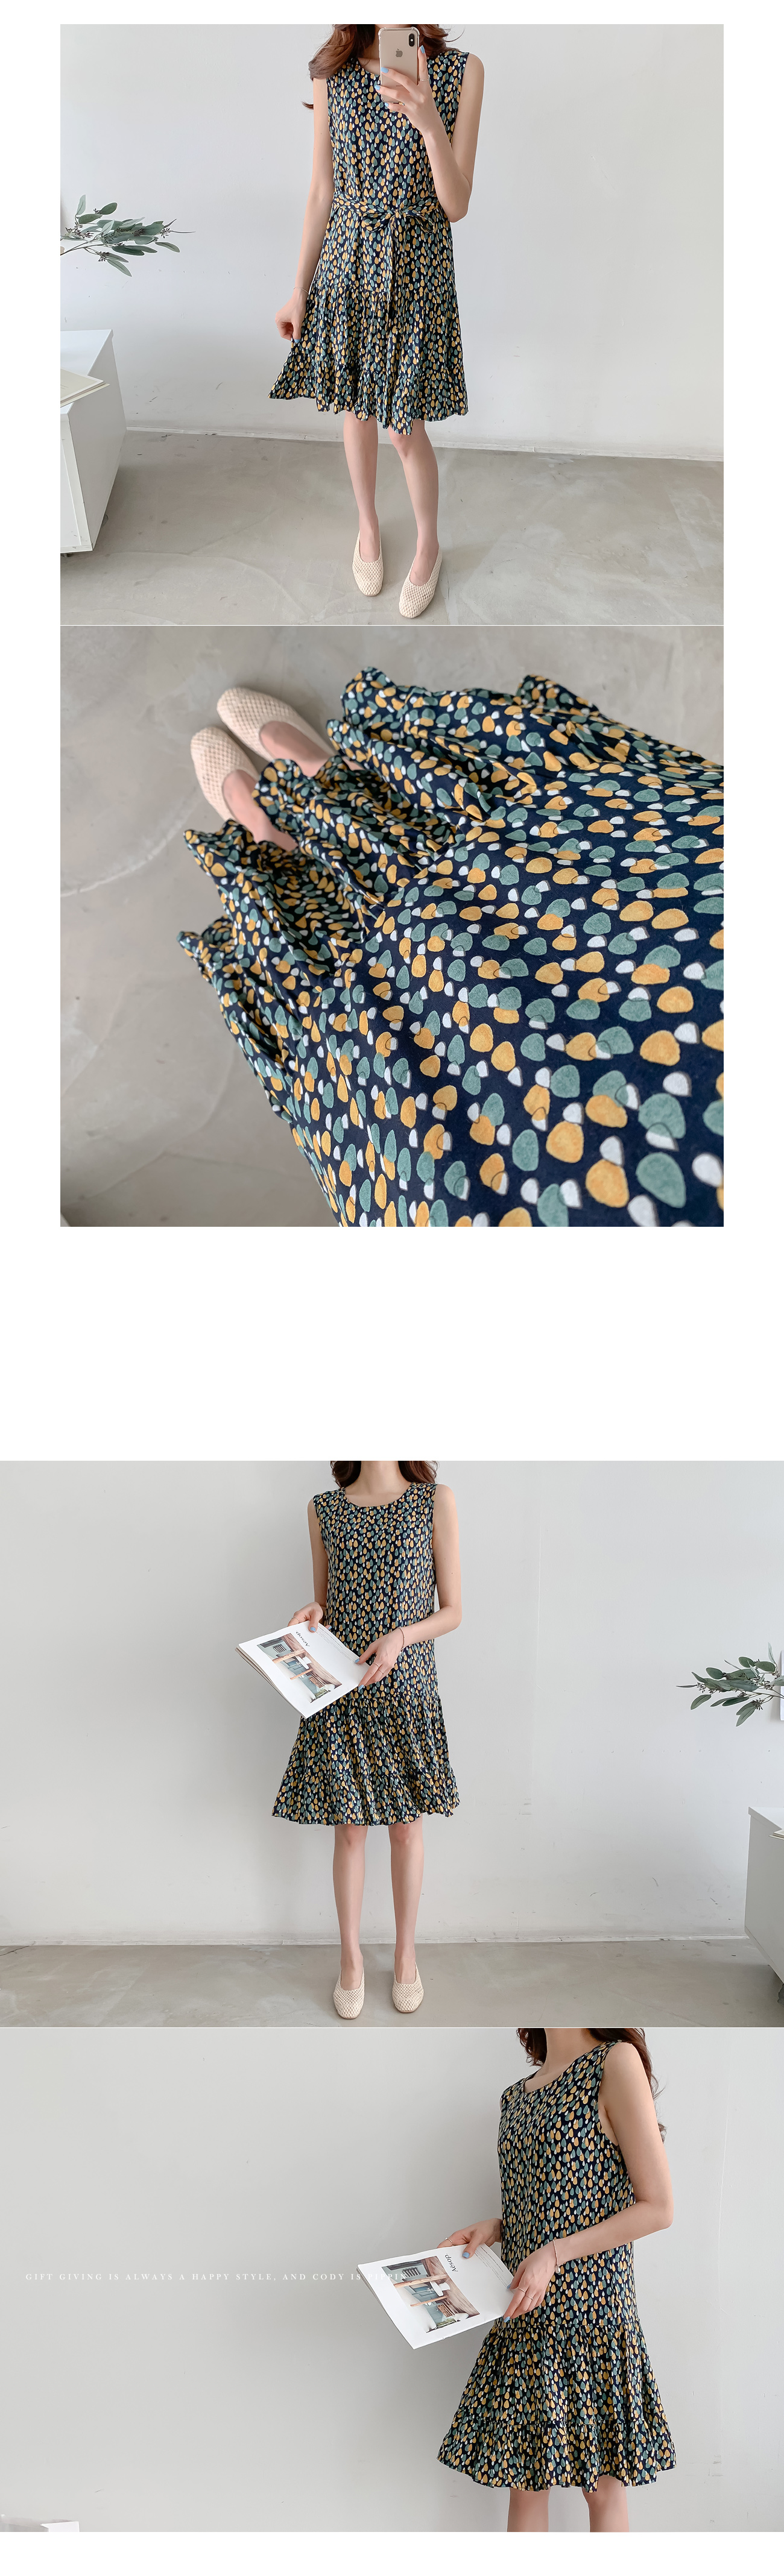 Lovely pattern dress #36045